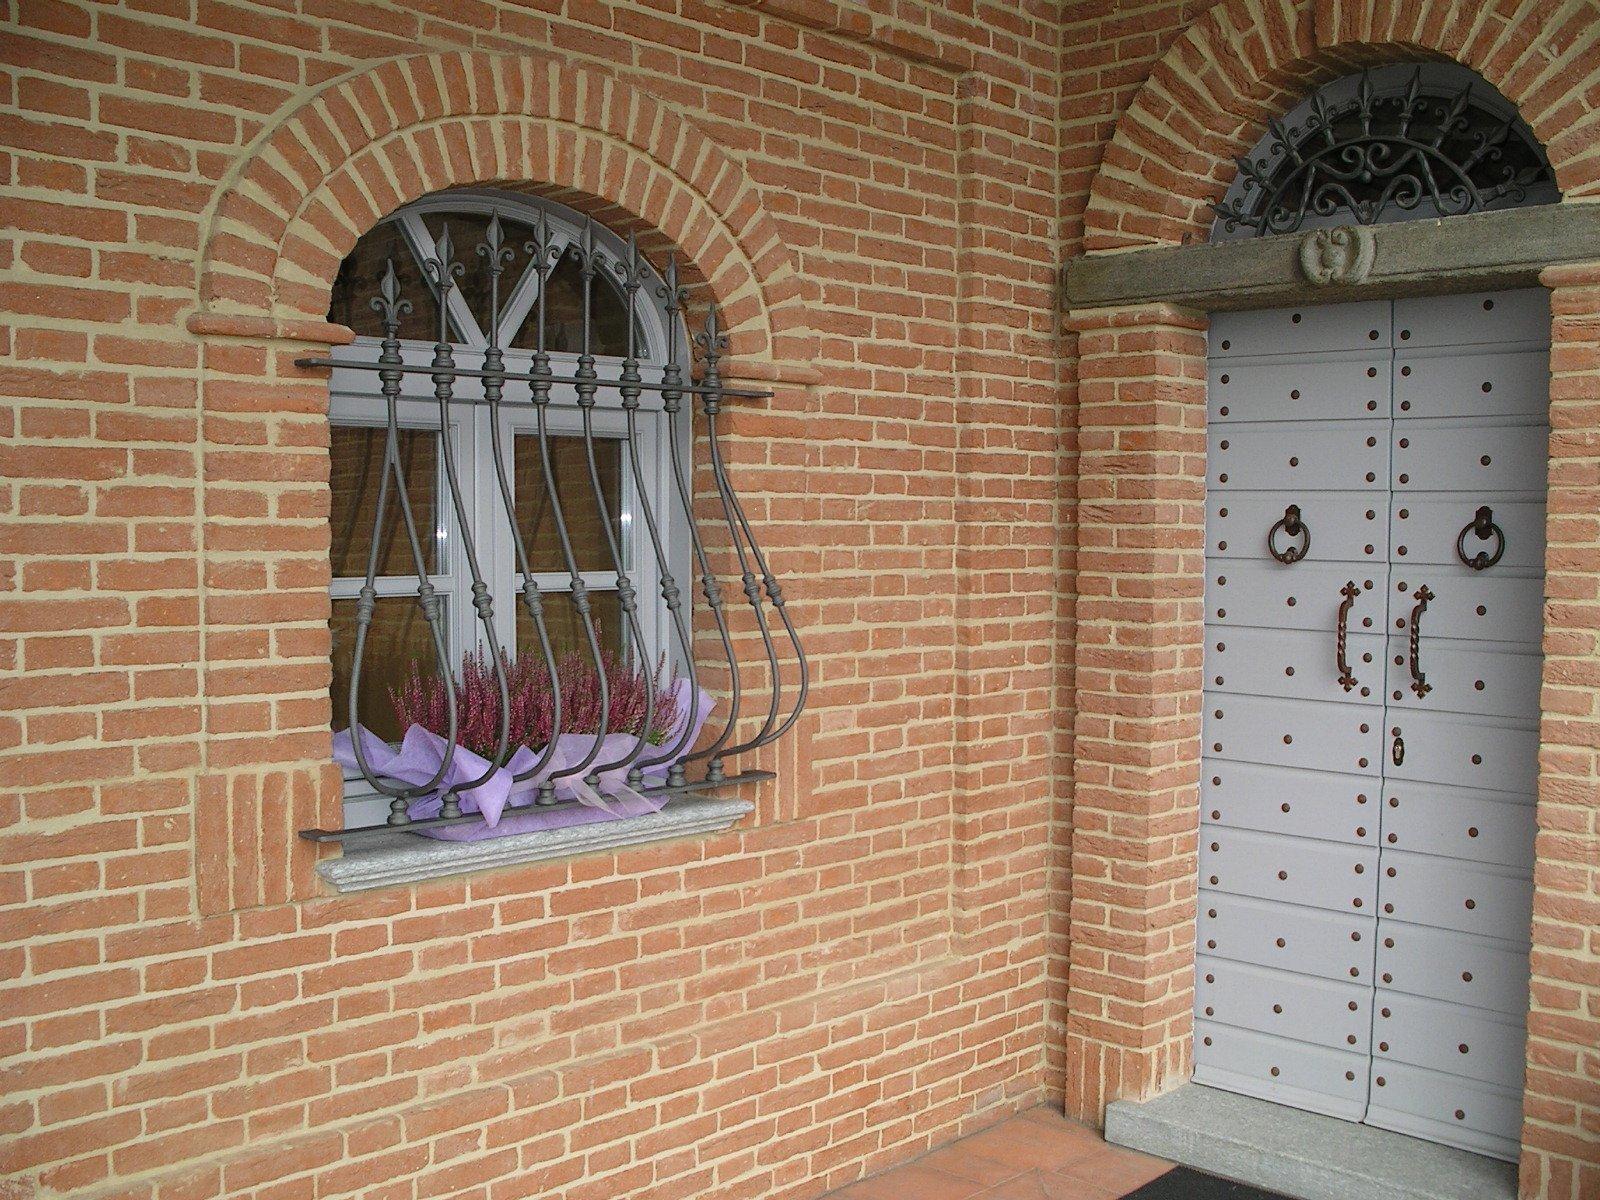 vista esterna di una casa con finestra e portone